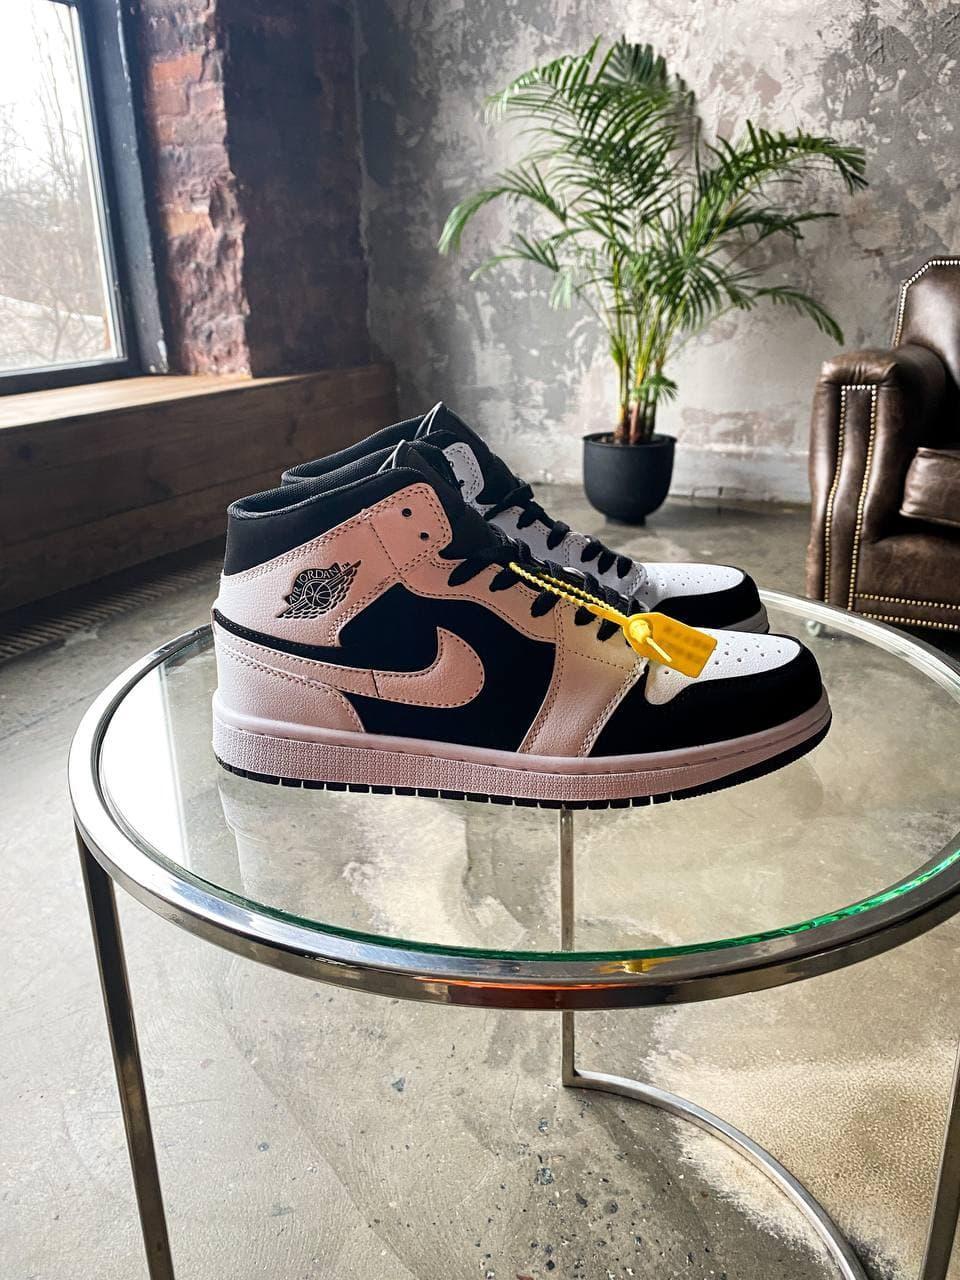 Жіночі кросівки Nike Air Jordan 1 Mid White Black Tuxedo (білі з чорним) К3322 високі молодіжні кроси